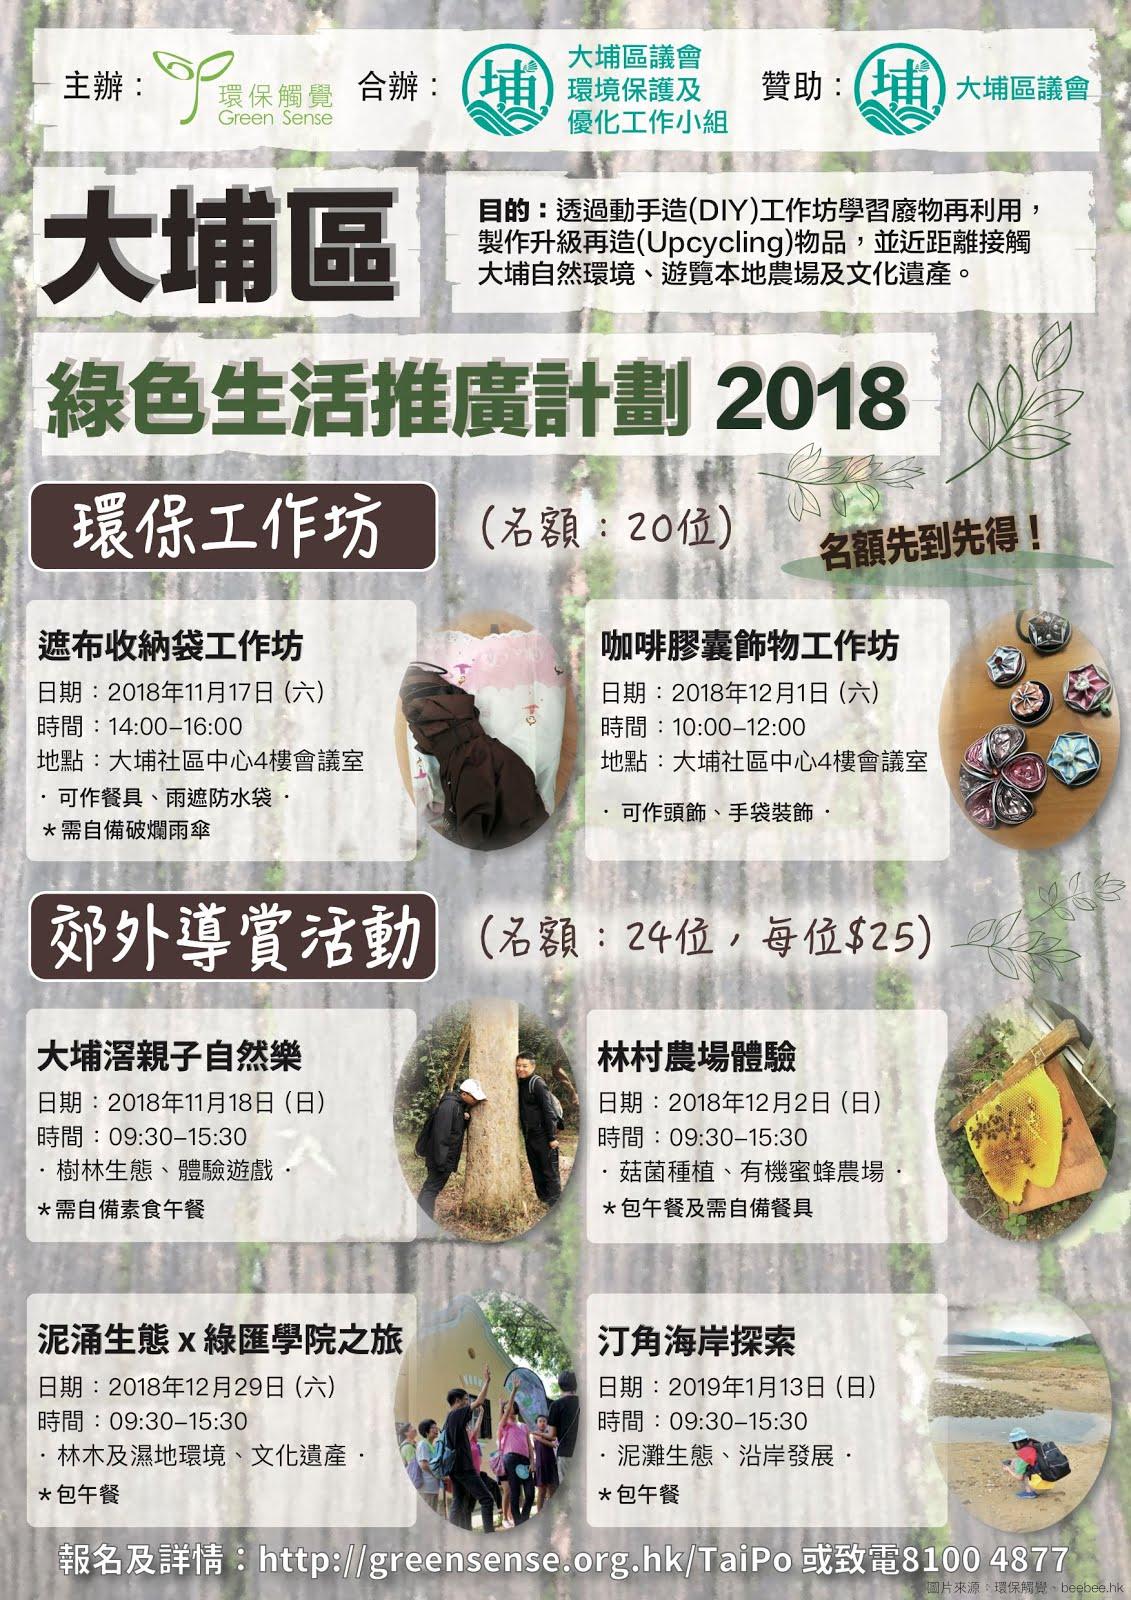 最新活動:大埔區綠色生活推廣計劃2018